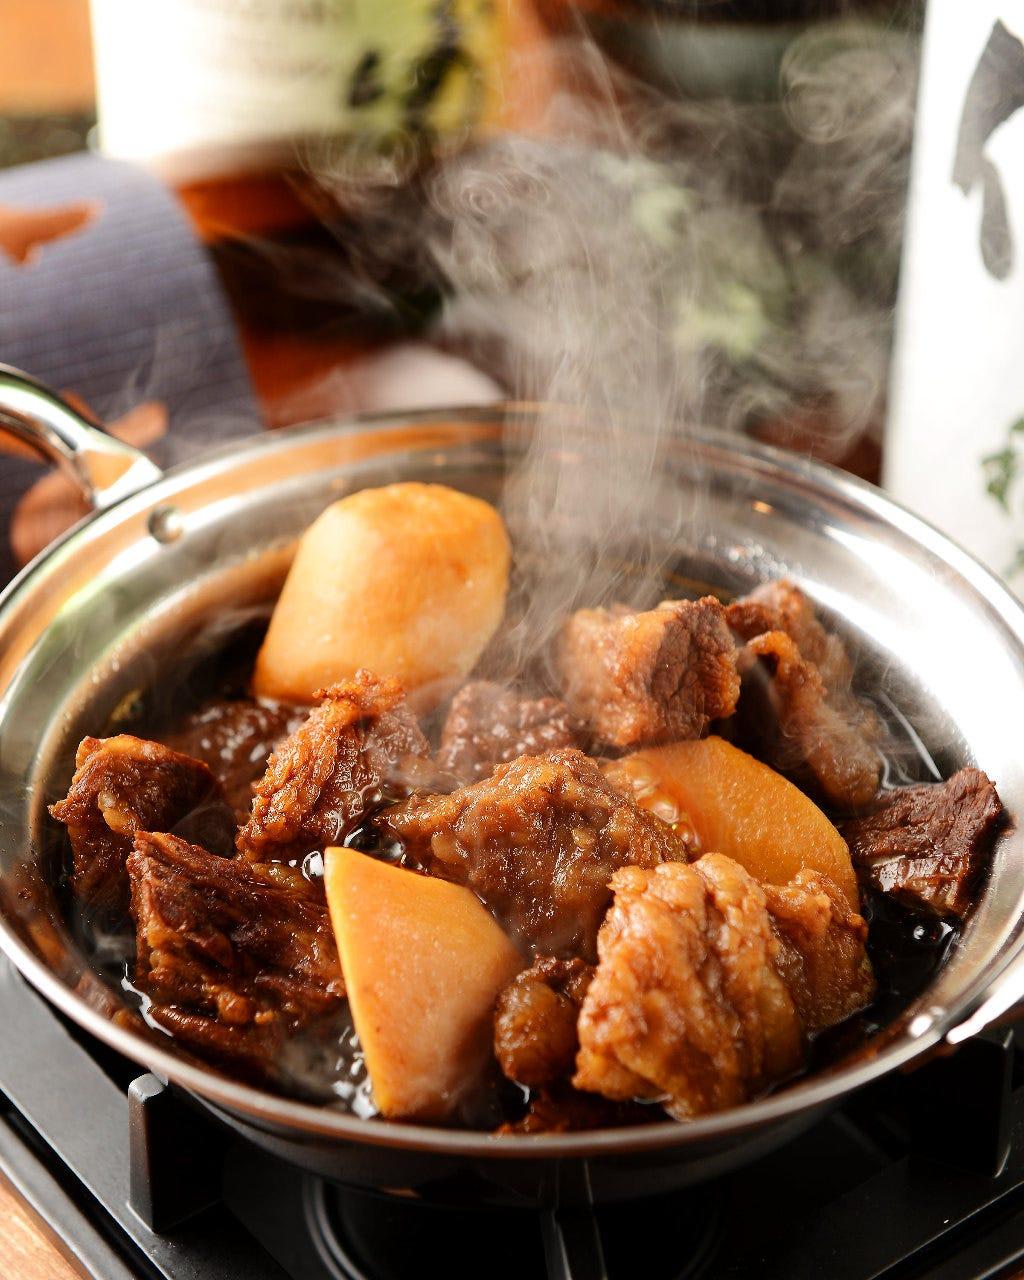 天下一和牛煮込み 串焼 おばんざい さんびょうし名古屋伏見店